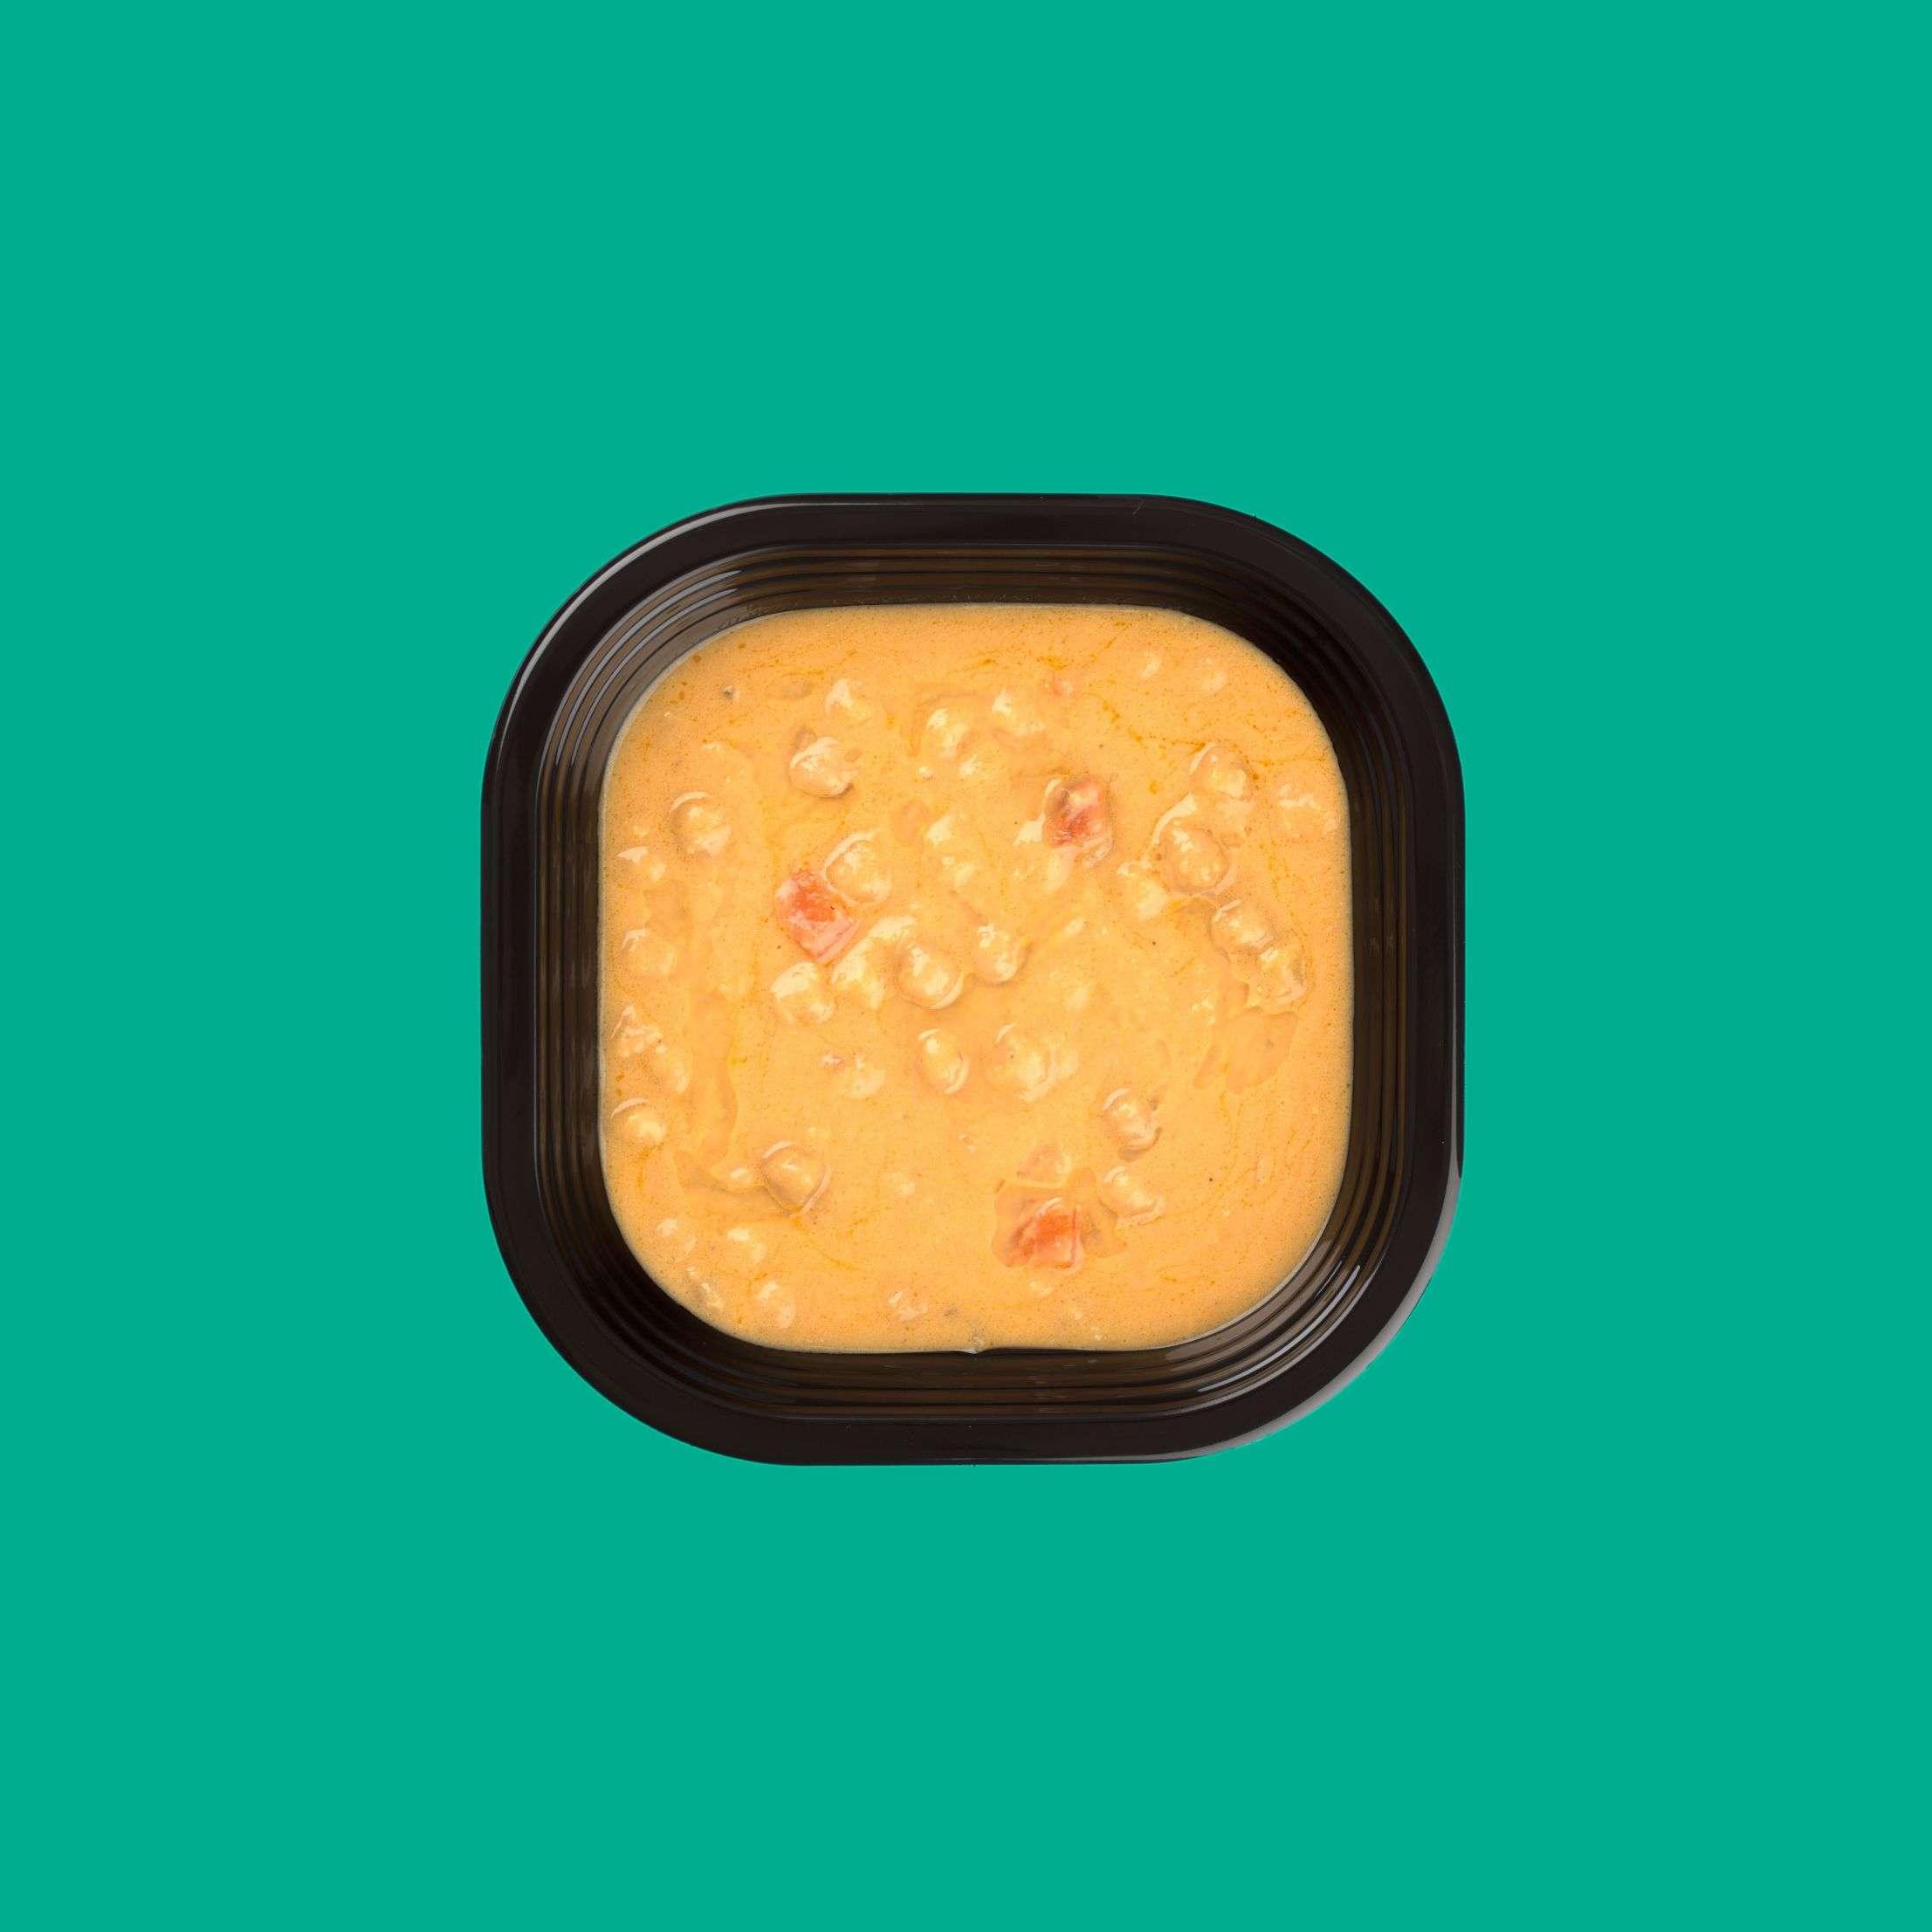 zuppa-di-ceci-pronta